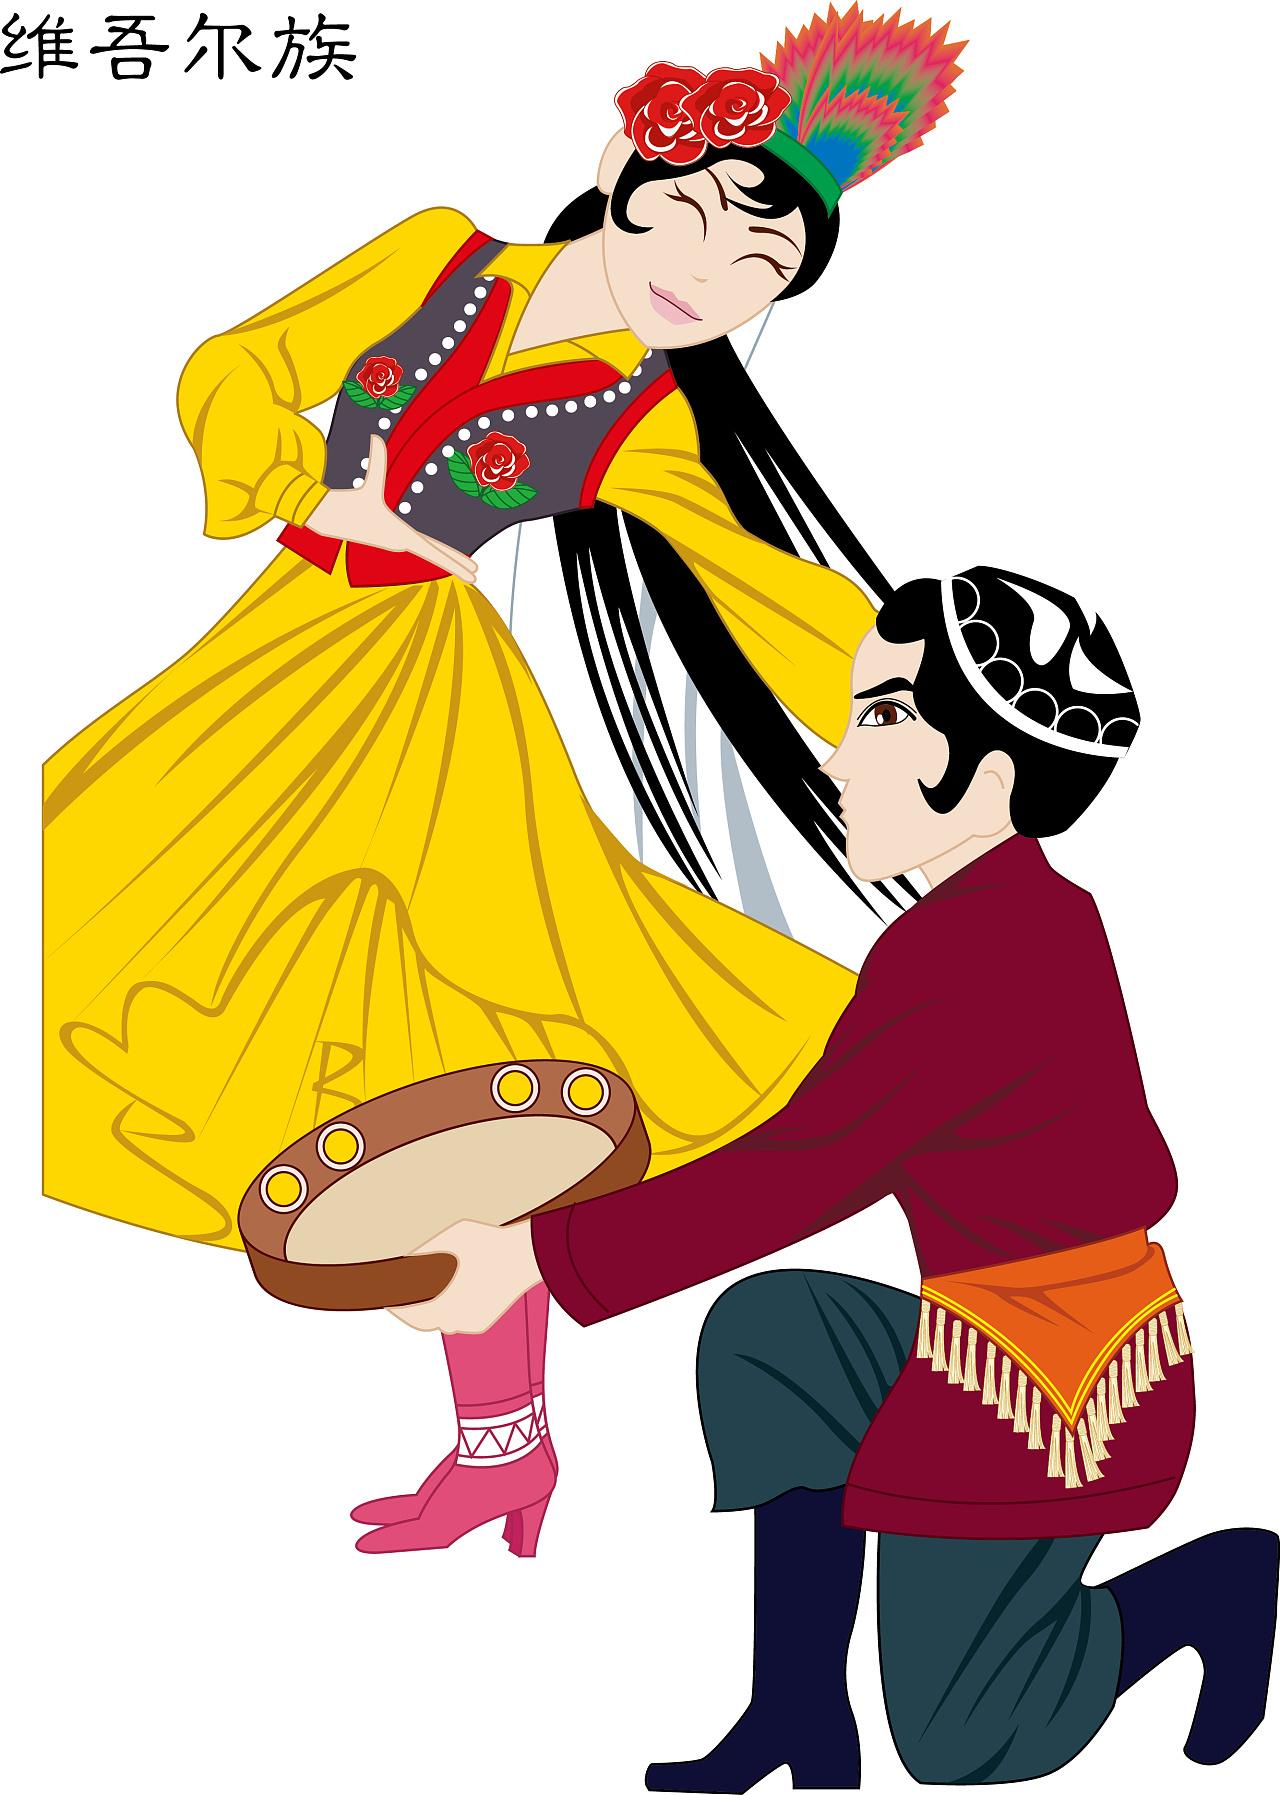 少数民族 适量ai文件 适量人物 手绘人物 傣族,维吾尔